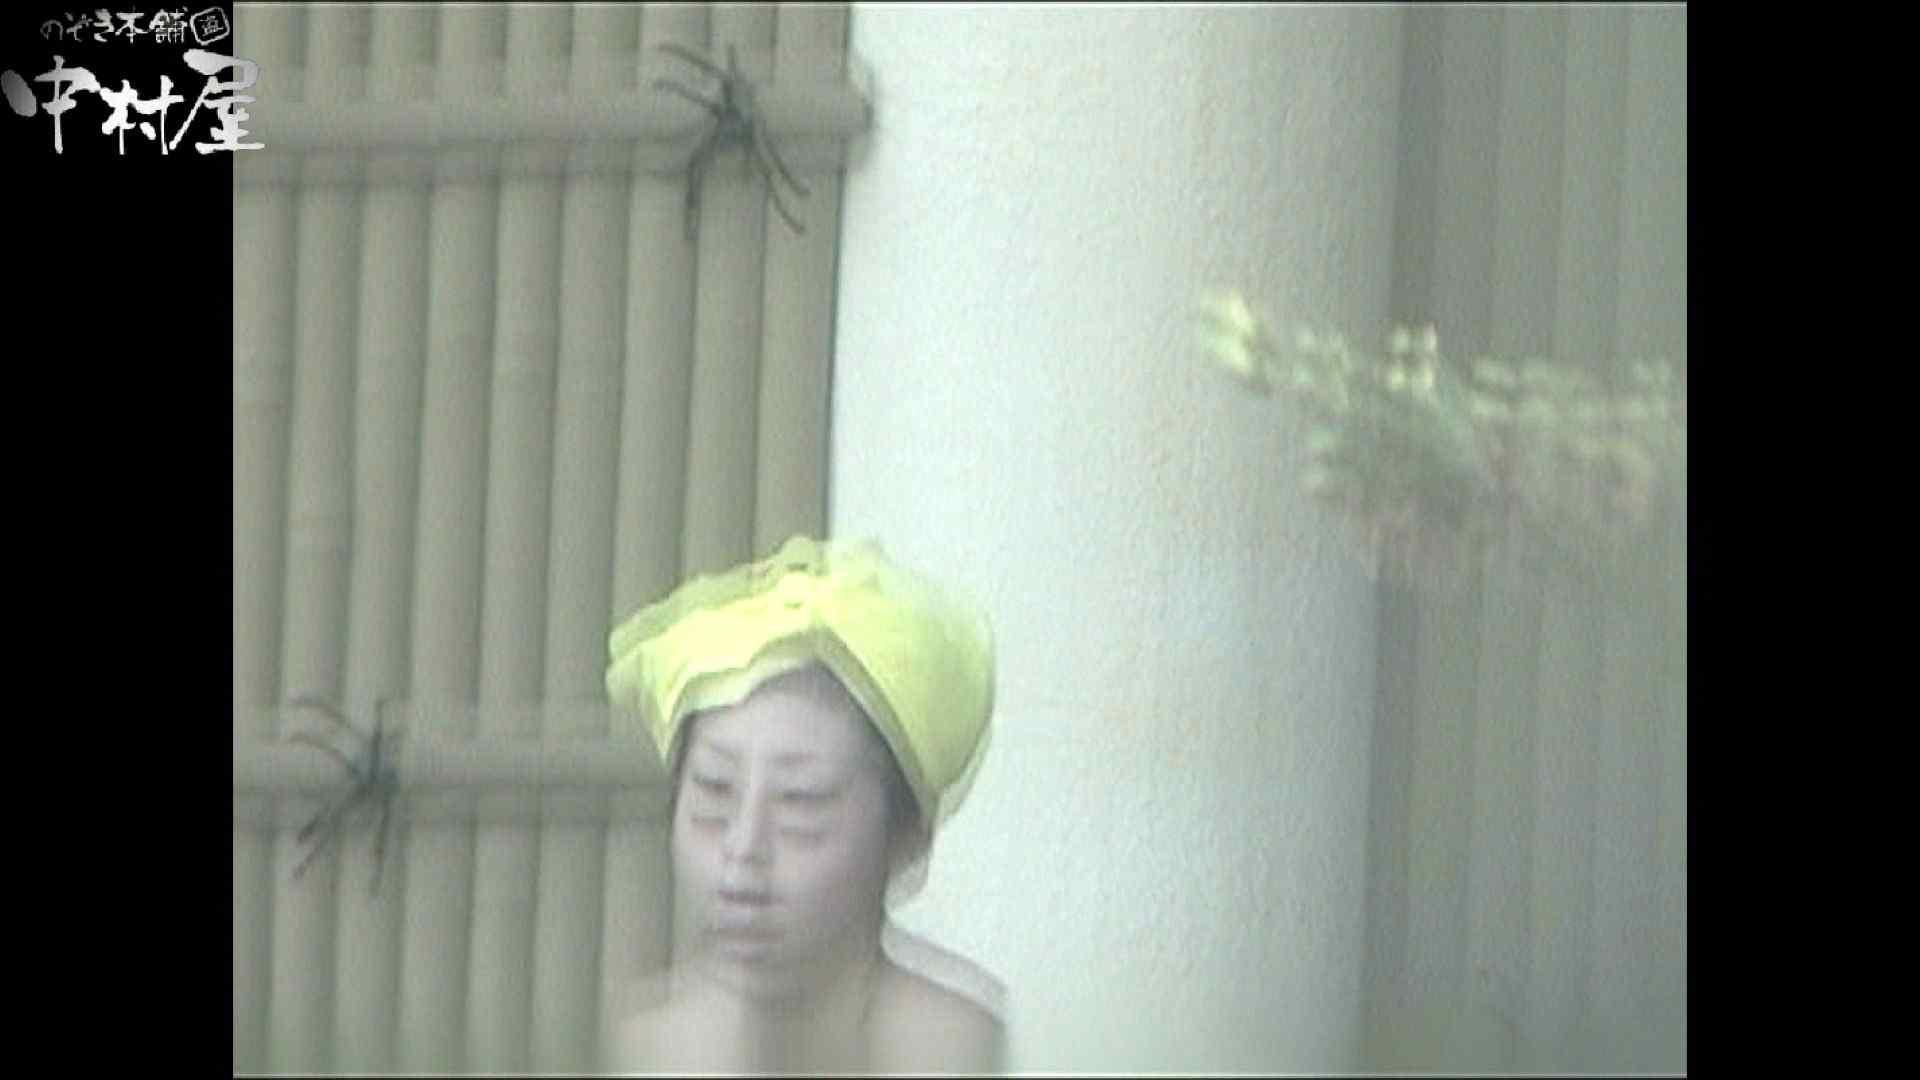 Aquaな露天風呂Vol.902 美しいOLの裸体 盗撮動画紹介 104pic 47